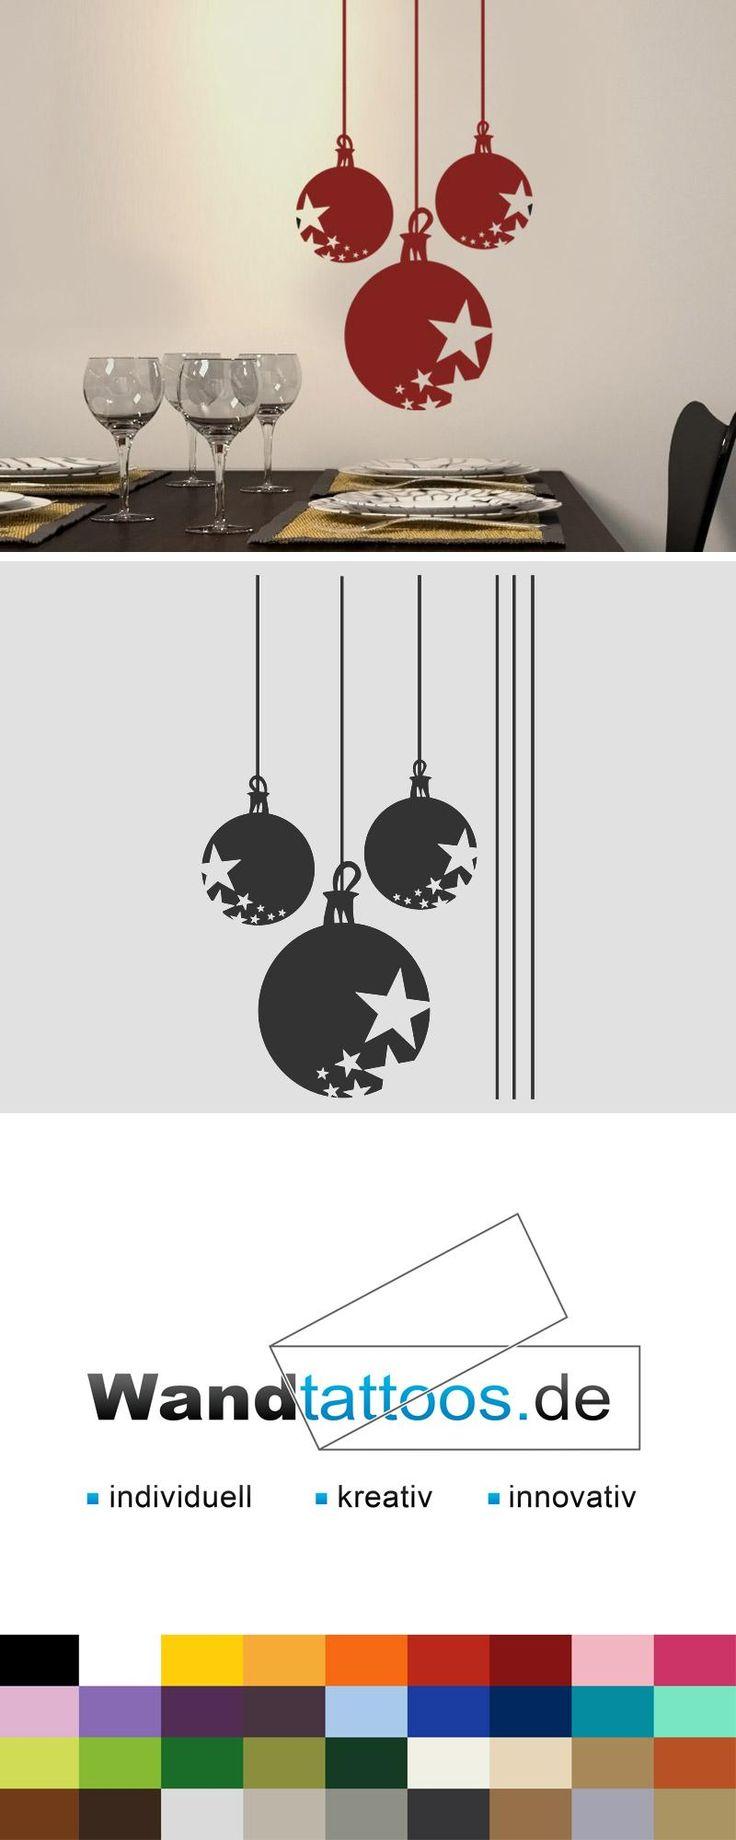 Wandtattoo Festliche Weihnachtskugeln als Idee zur individuellen Wandgestaltung. Einfach Lieblingsfarbe und Größe auswählen. Weitere kreative Anregungen von Wandtattoos.de hier entdecken!